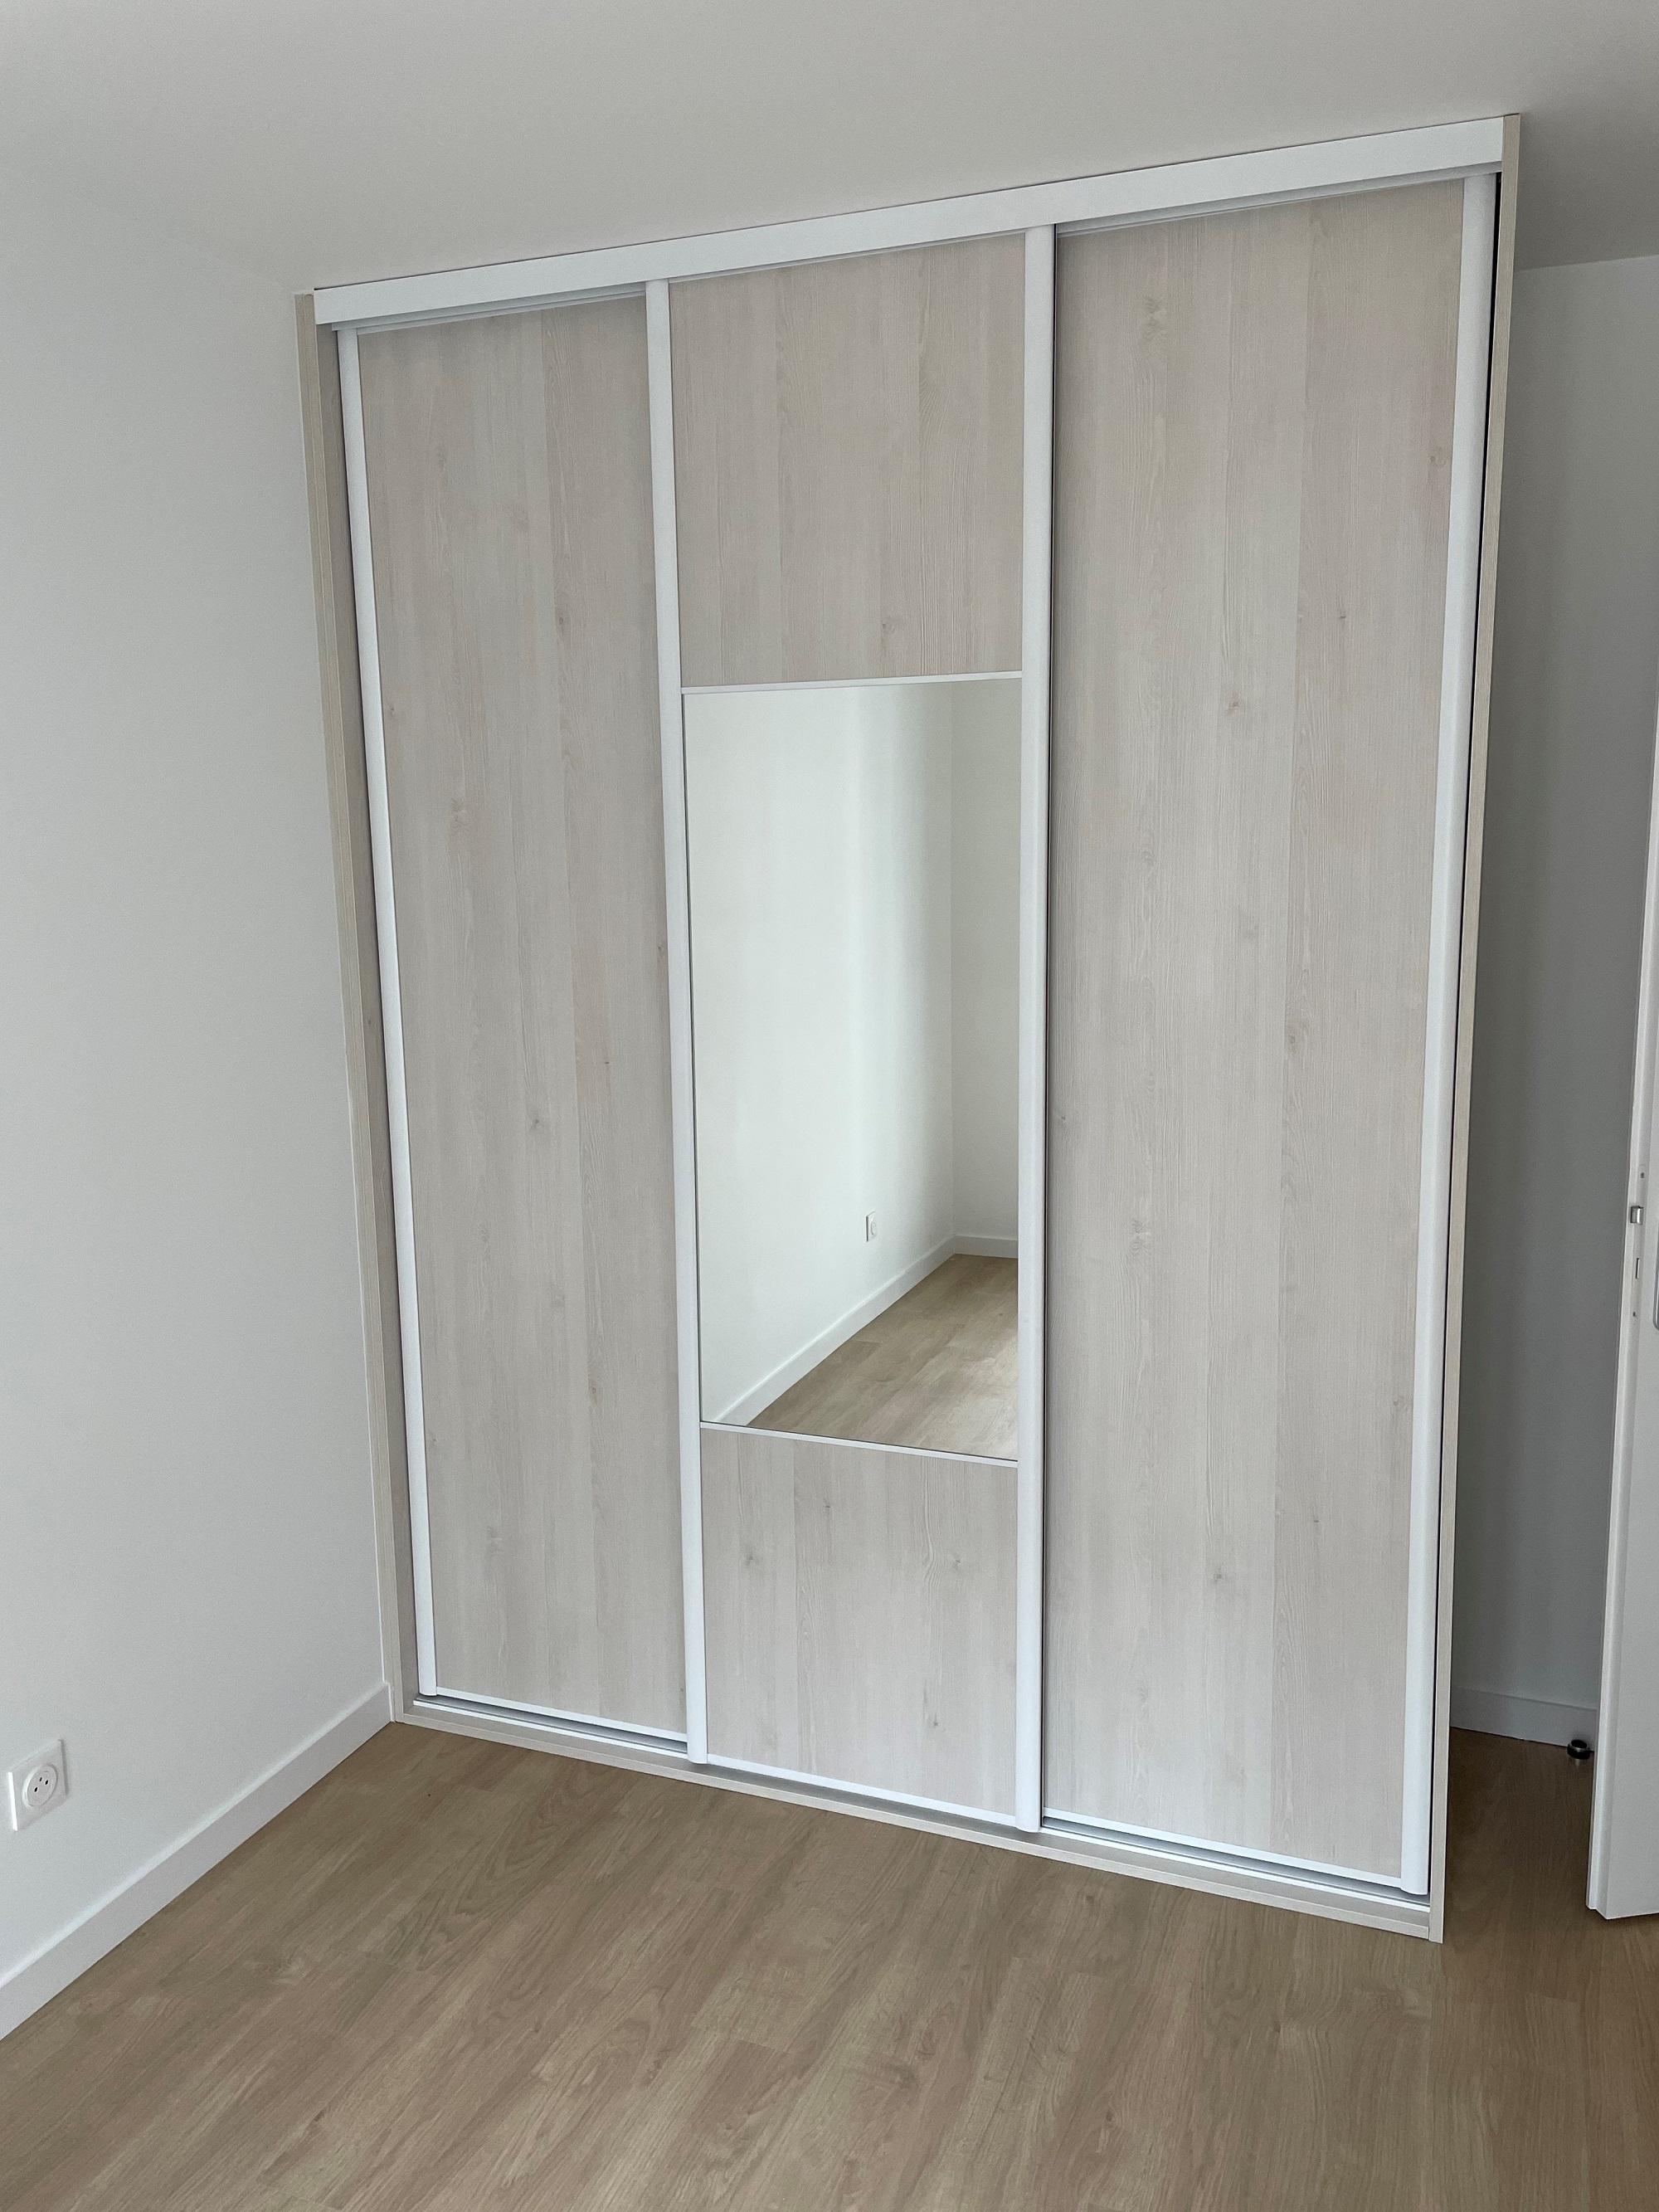 espace-placard-portes-coulissantes-9-1